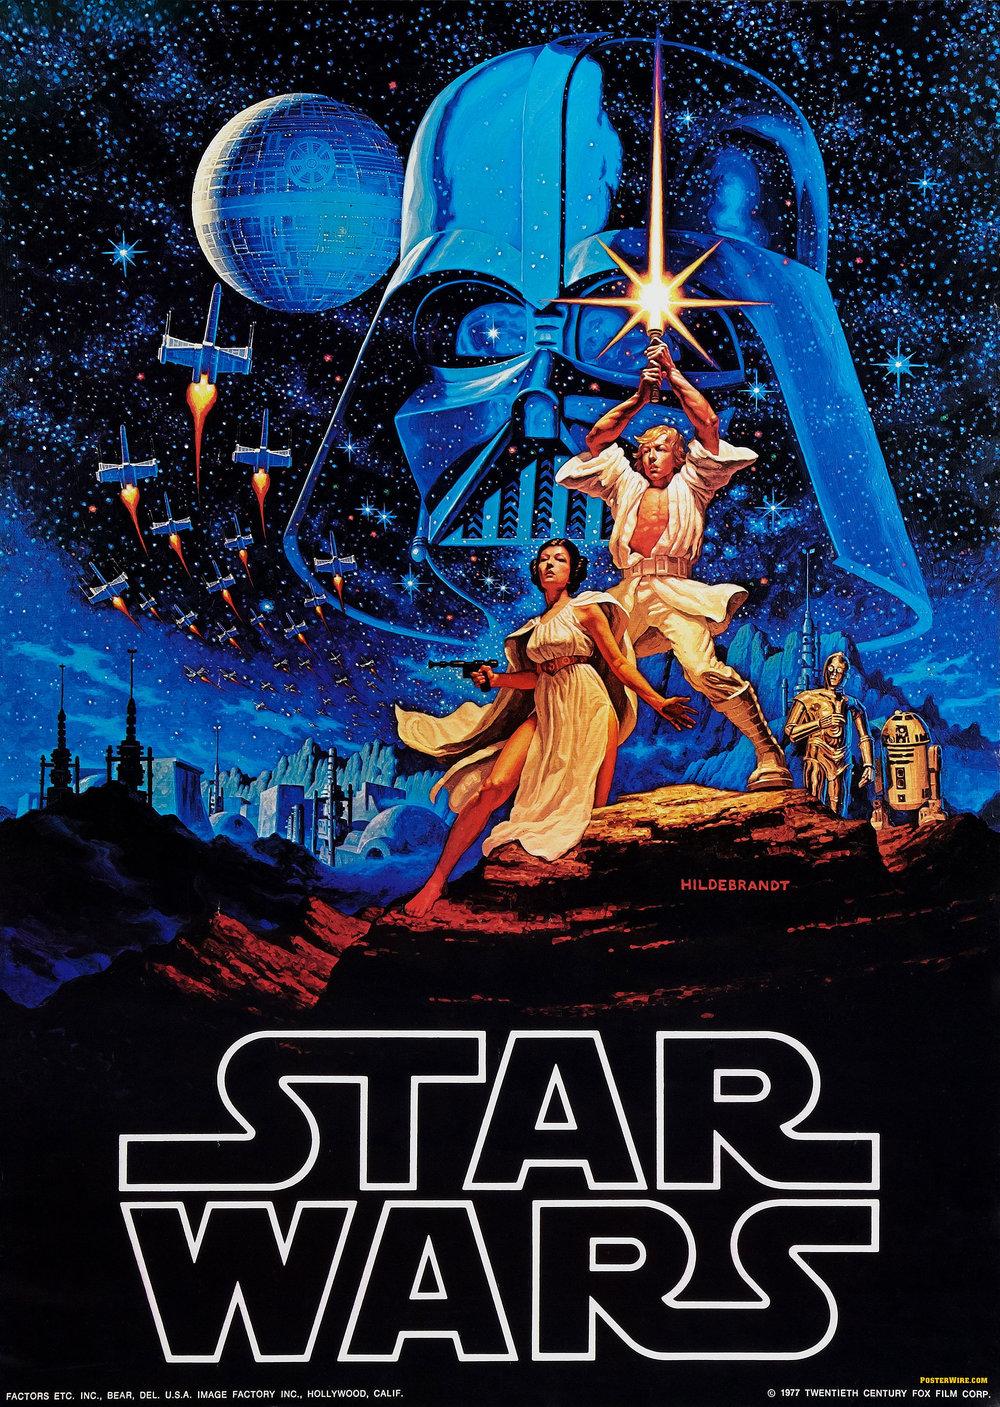 star_wars_hildebrandt_art.jpg